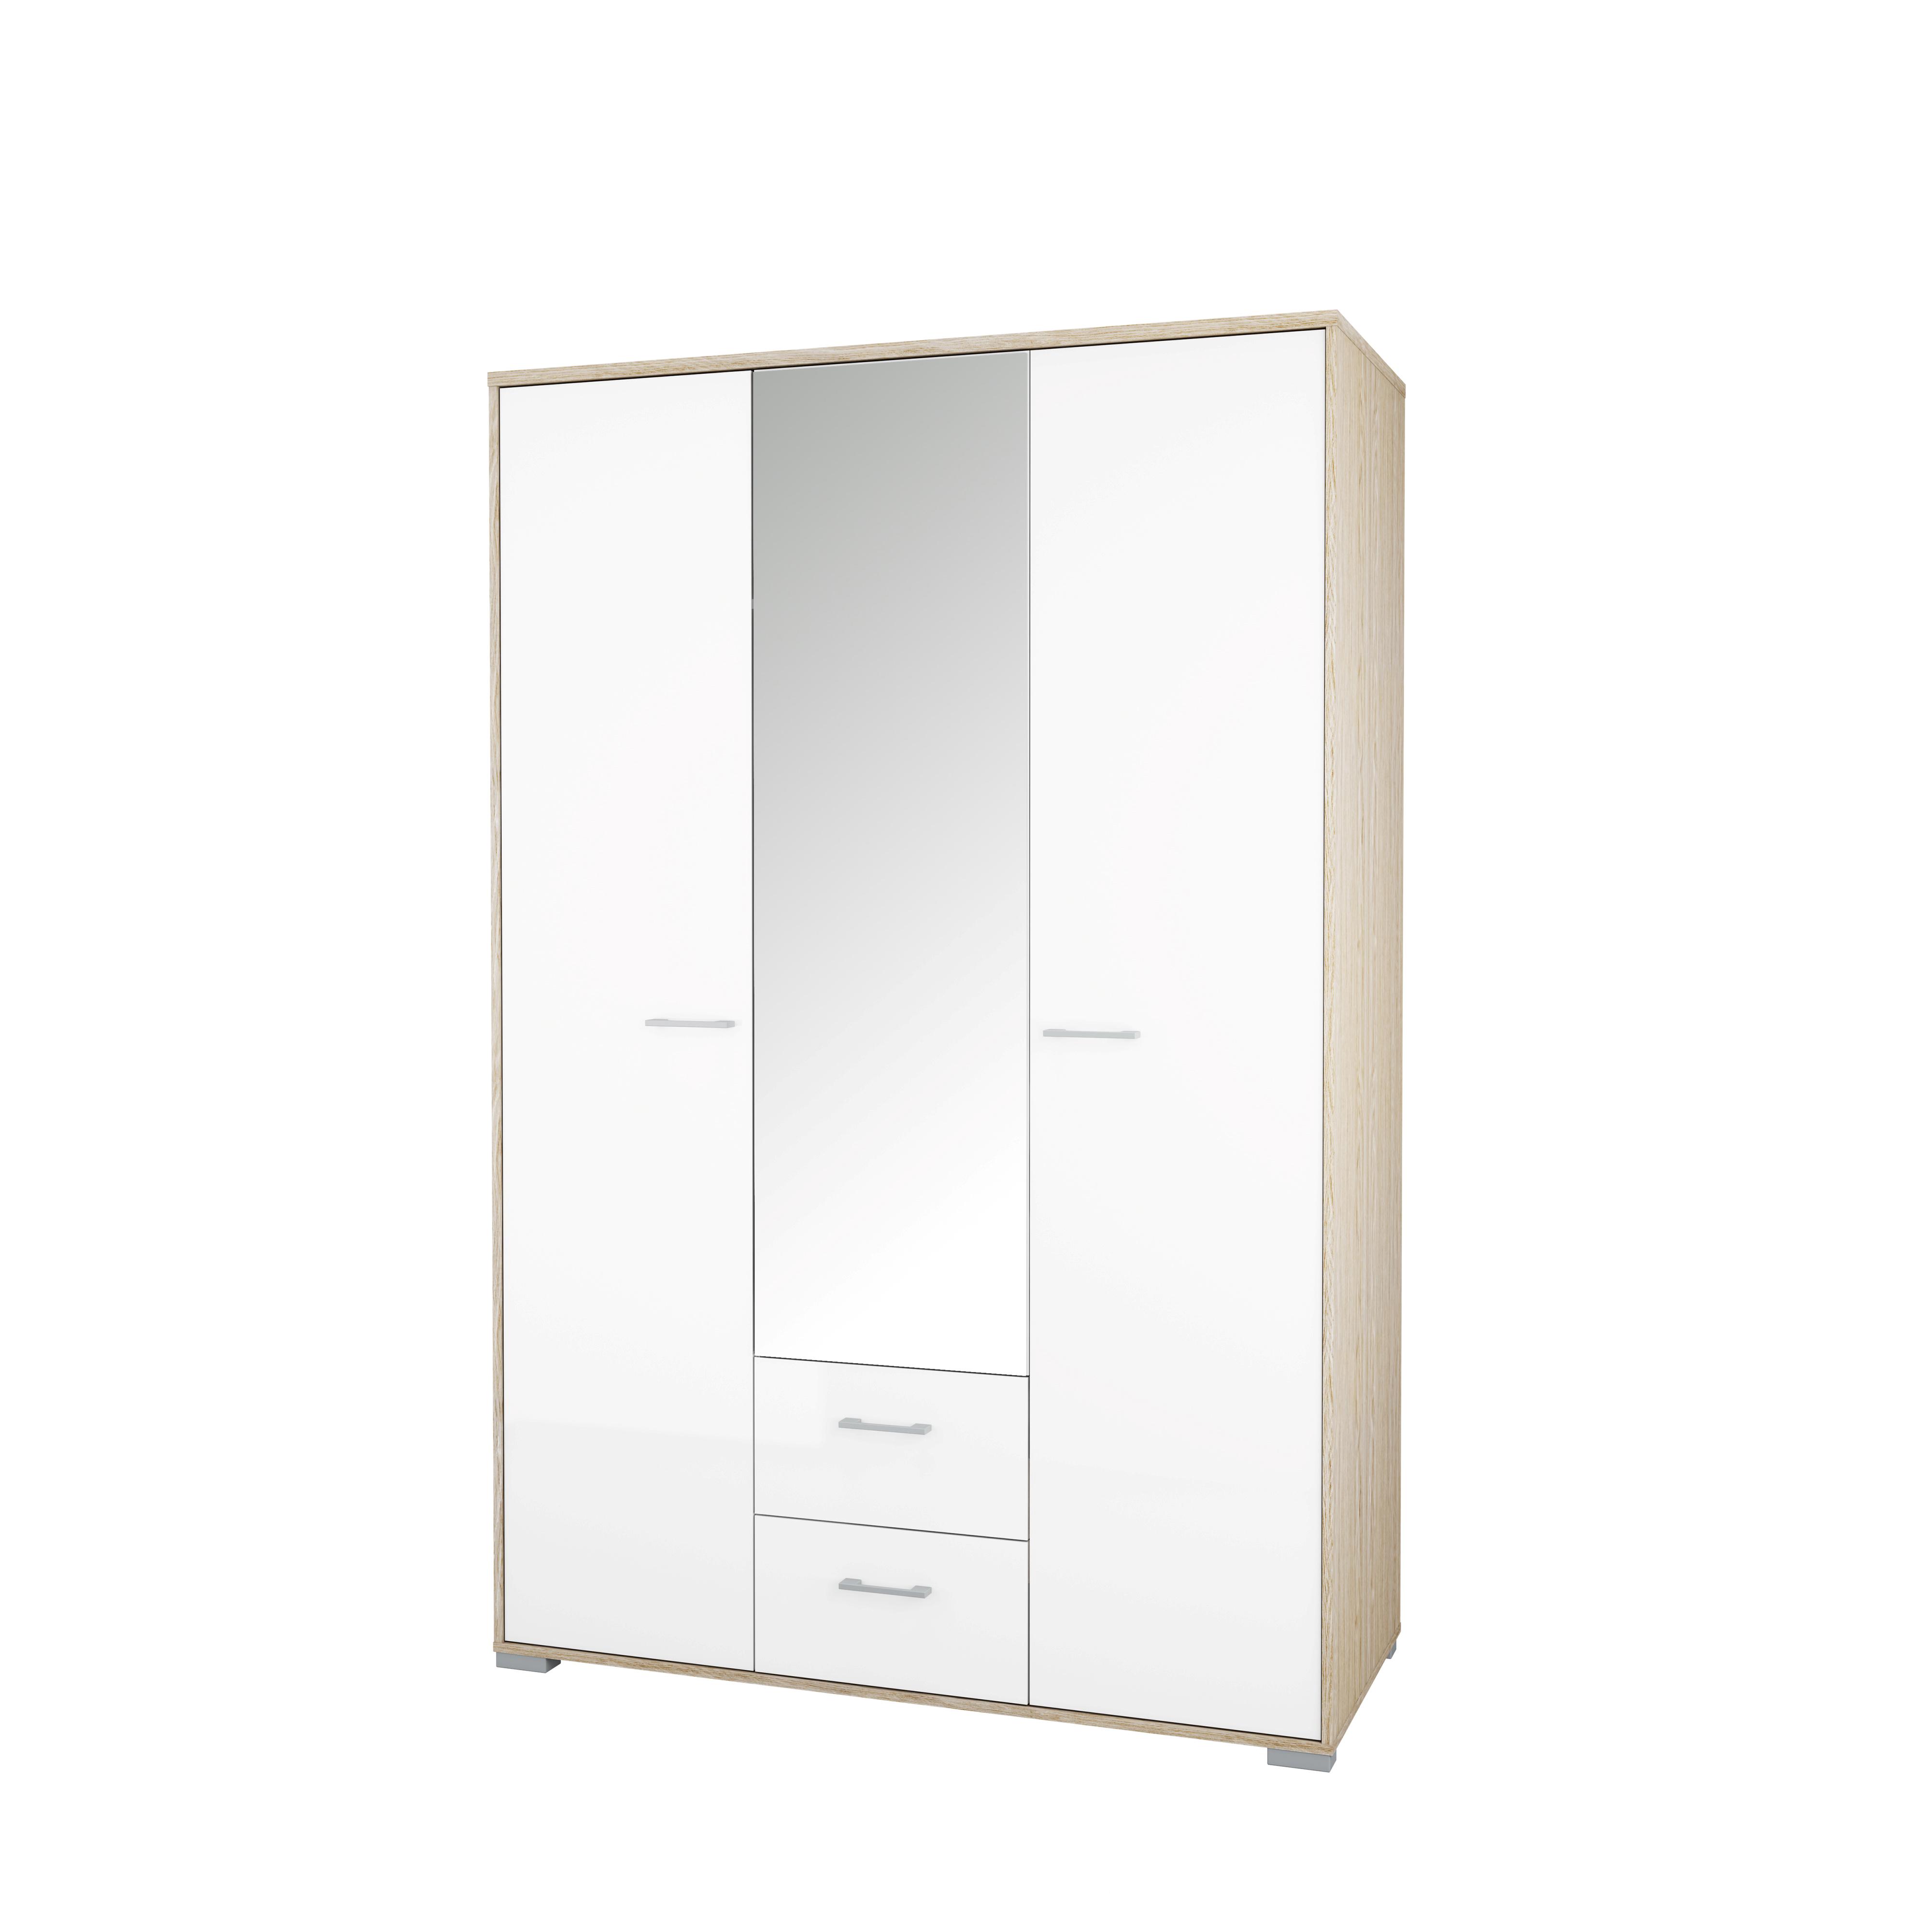 Billede af Homeline Garderobeskab 3 låger + 2 skuffer + spejl